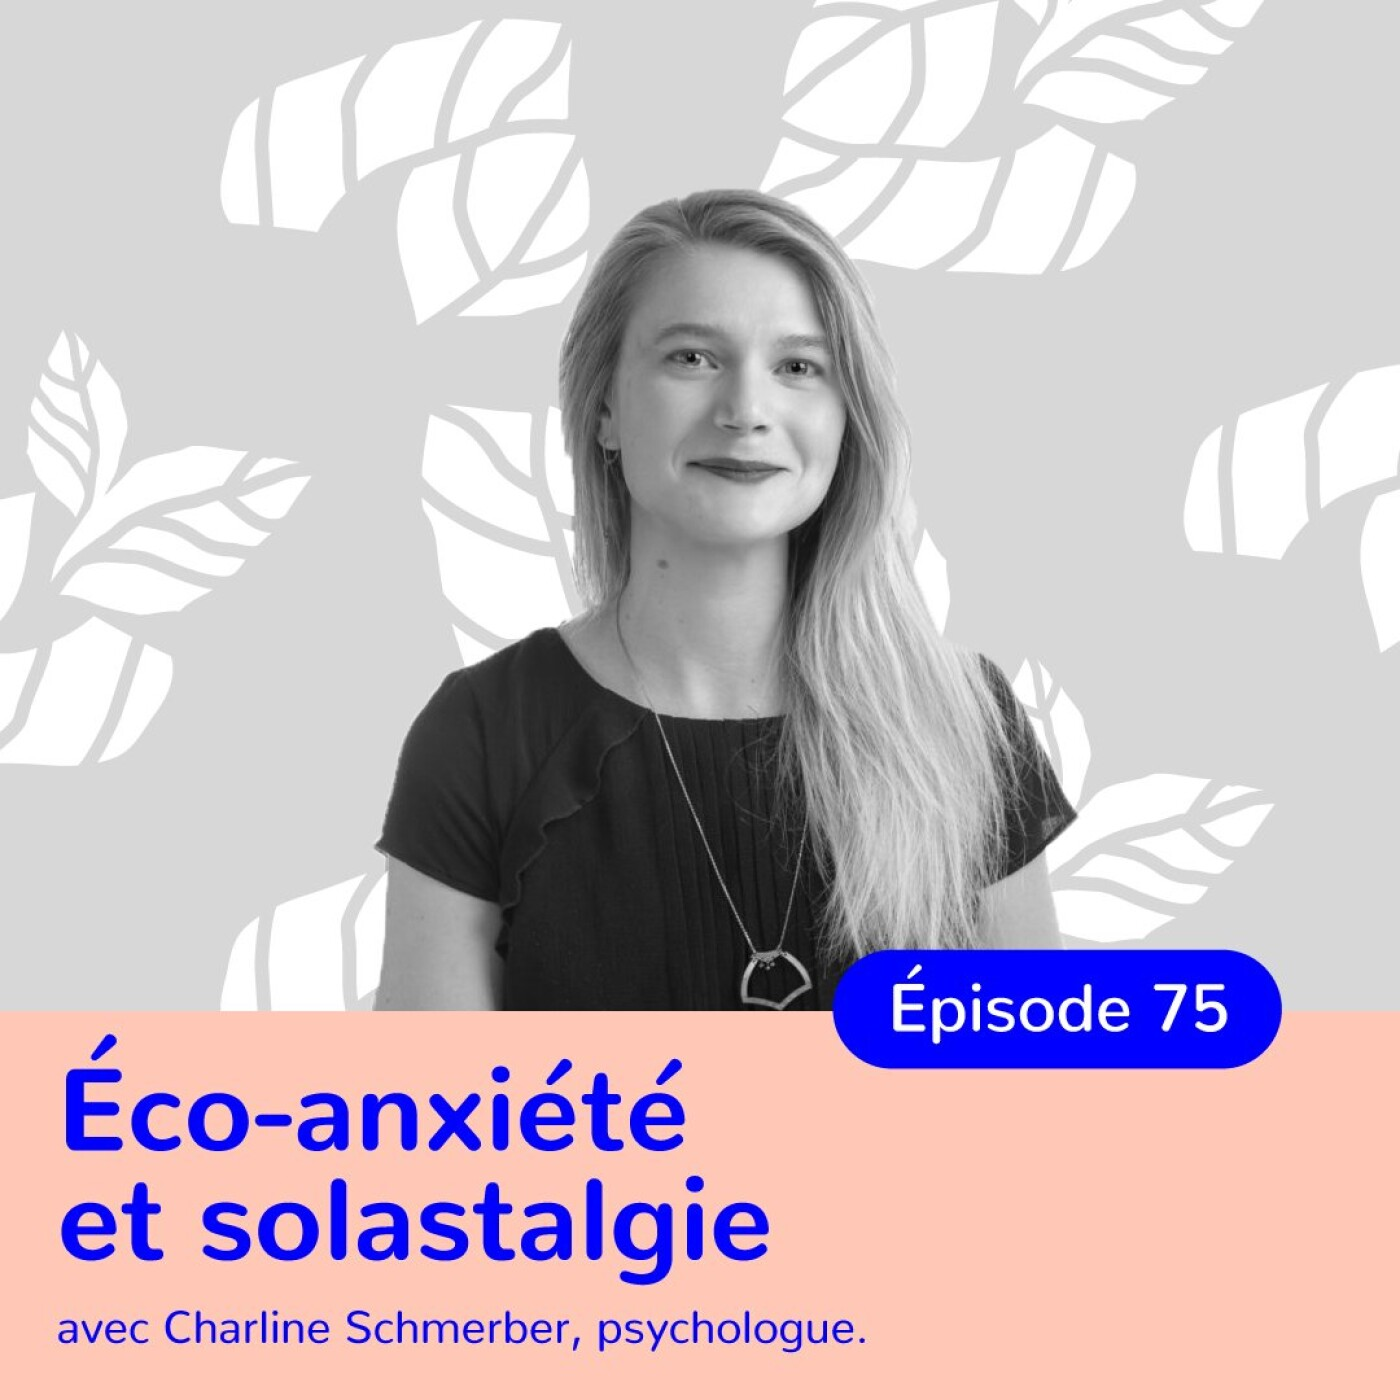 Charline Schmerber, psychologue, accueillir ses émotions face au changement climatique